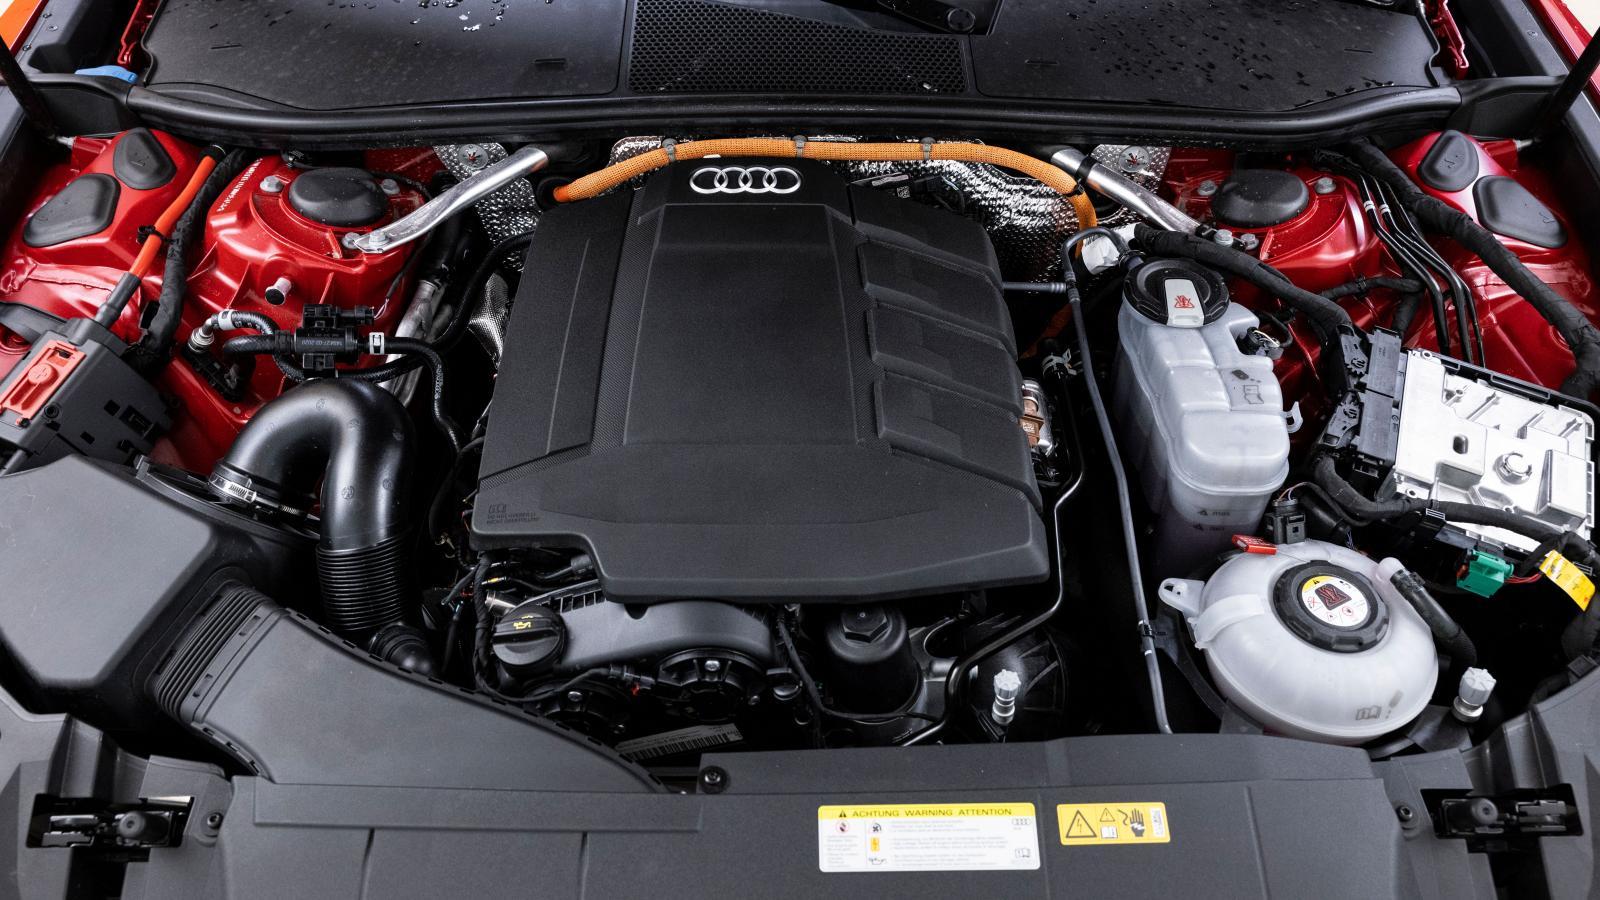 Högst effekt, rejält med riv. Audi har verkligen fått till drivkällorna. A6 går snålare än Volvo och längst på el. Fin växlingskultur utom i krypfart och vid start.